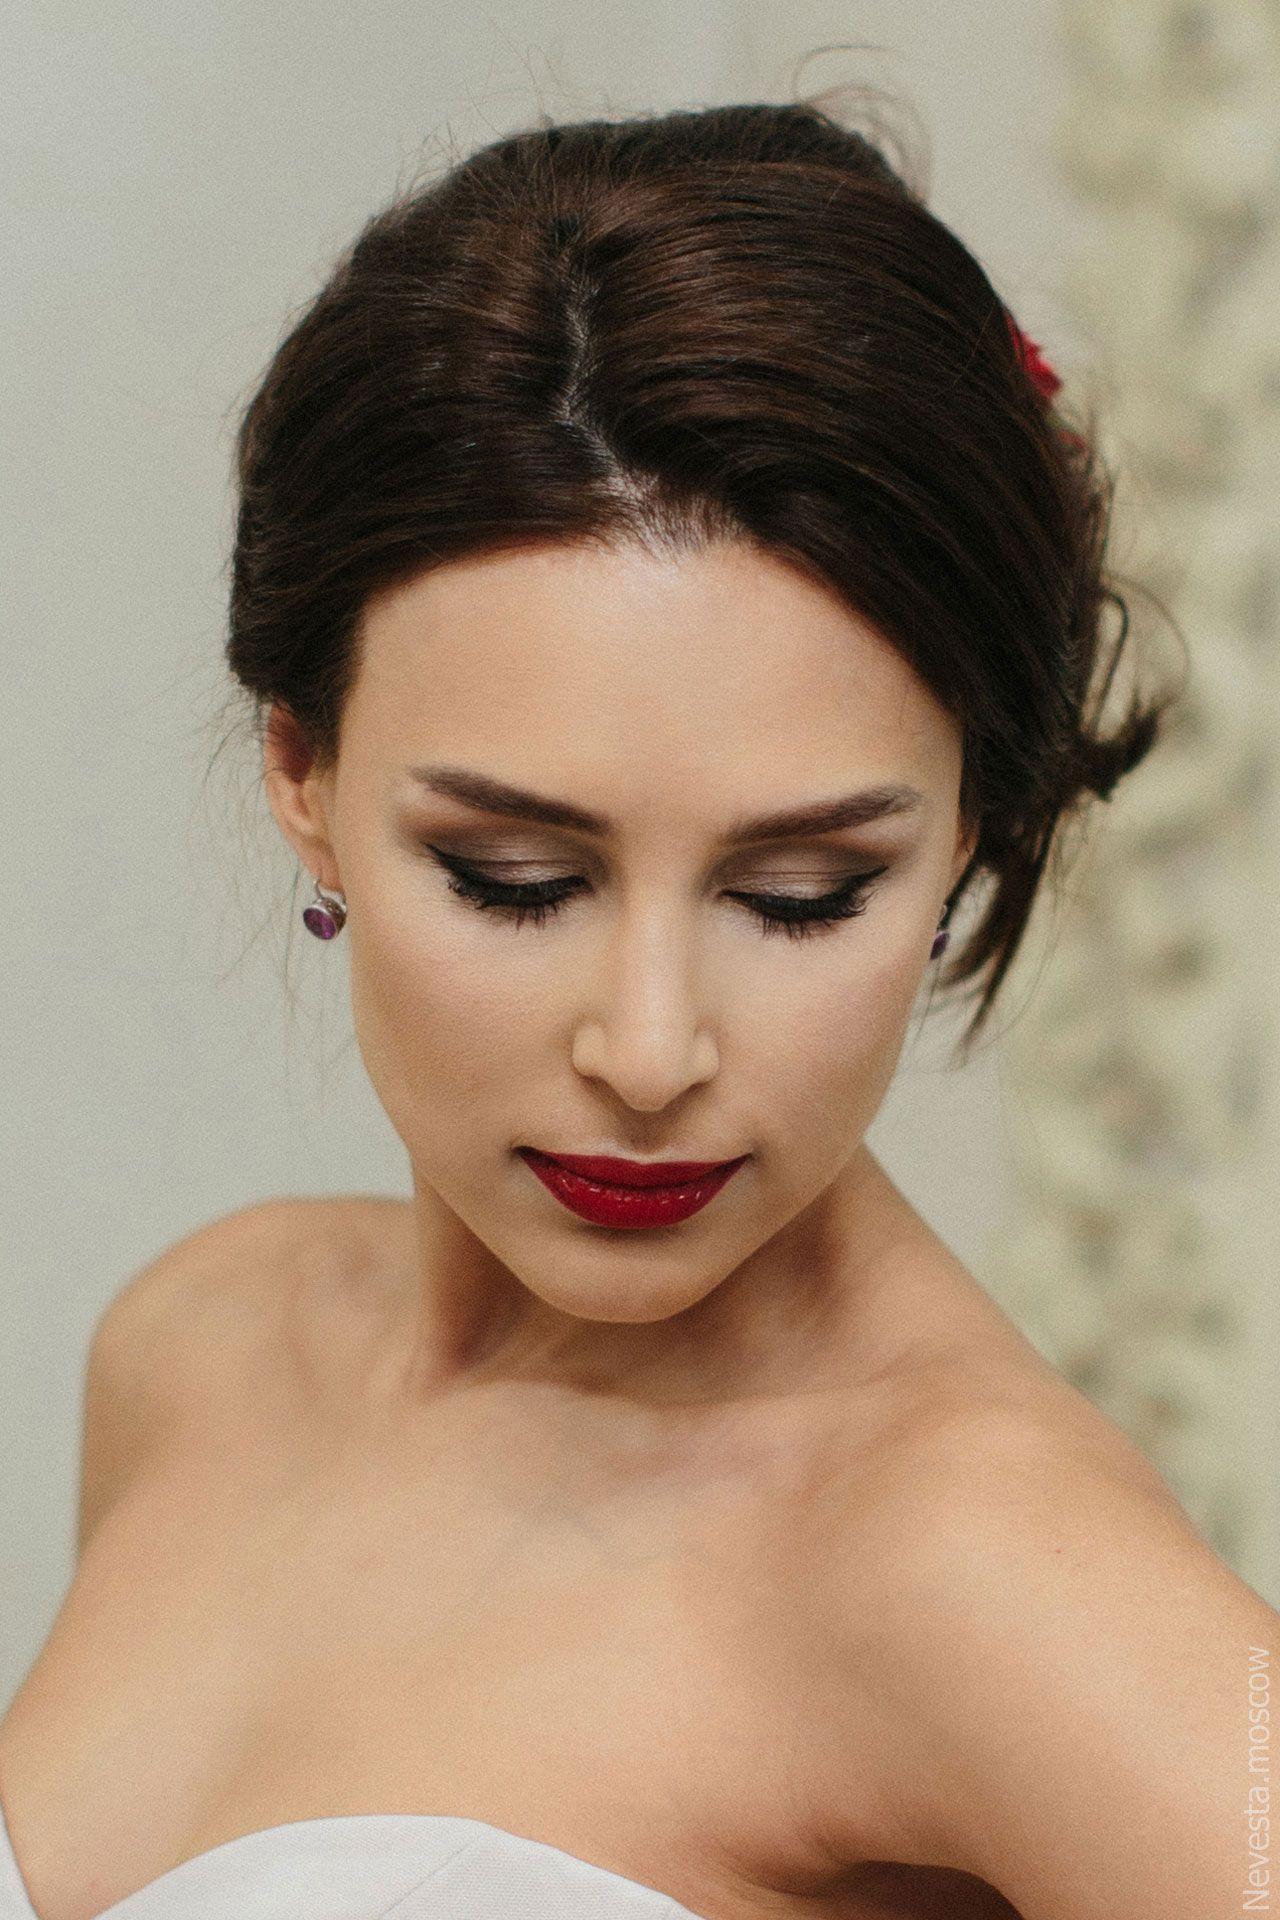 макияж невесты репетиция свадебного образа